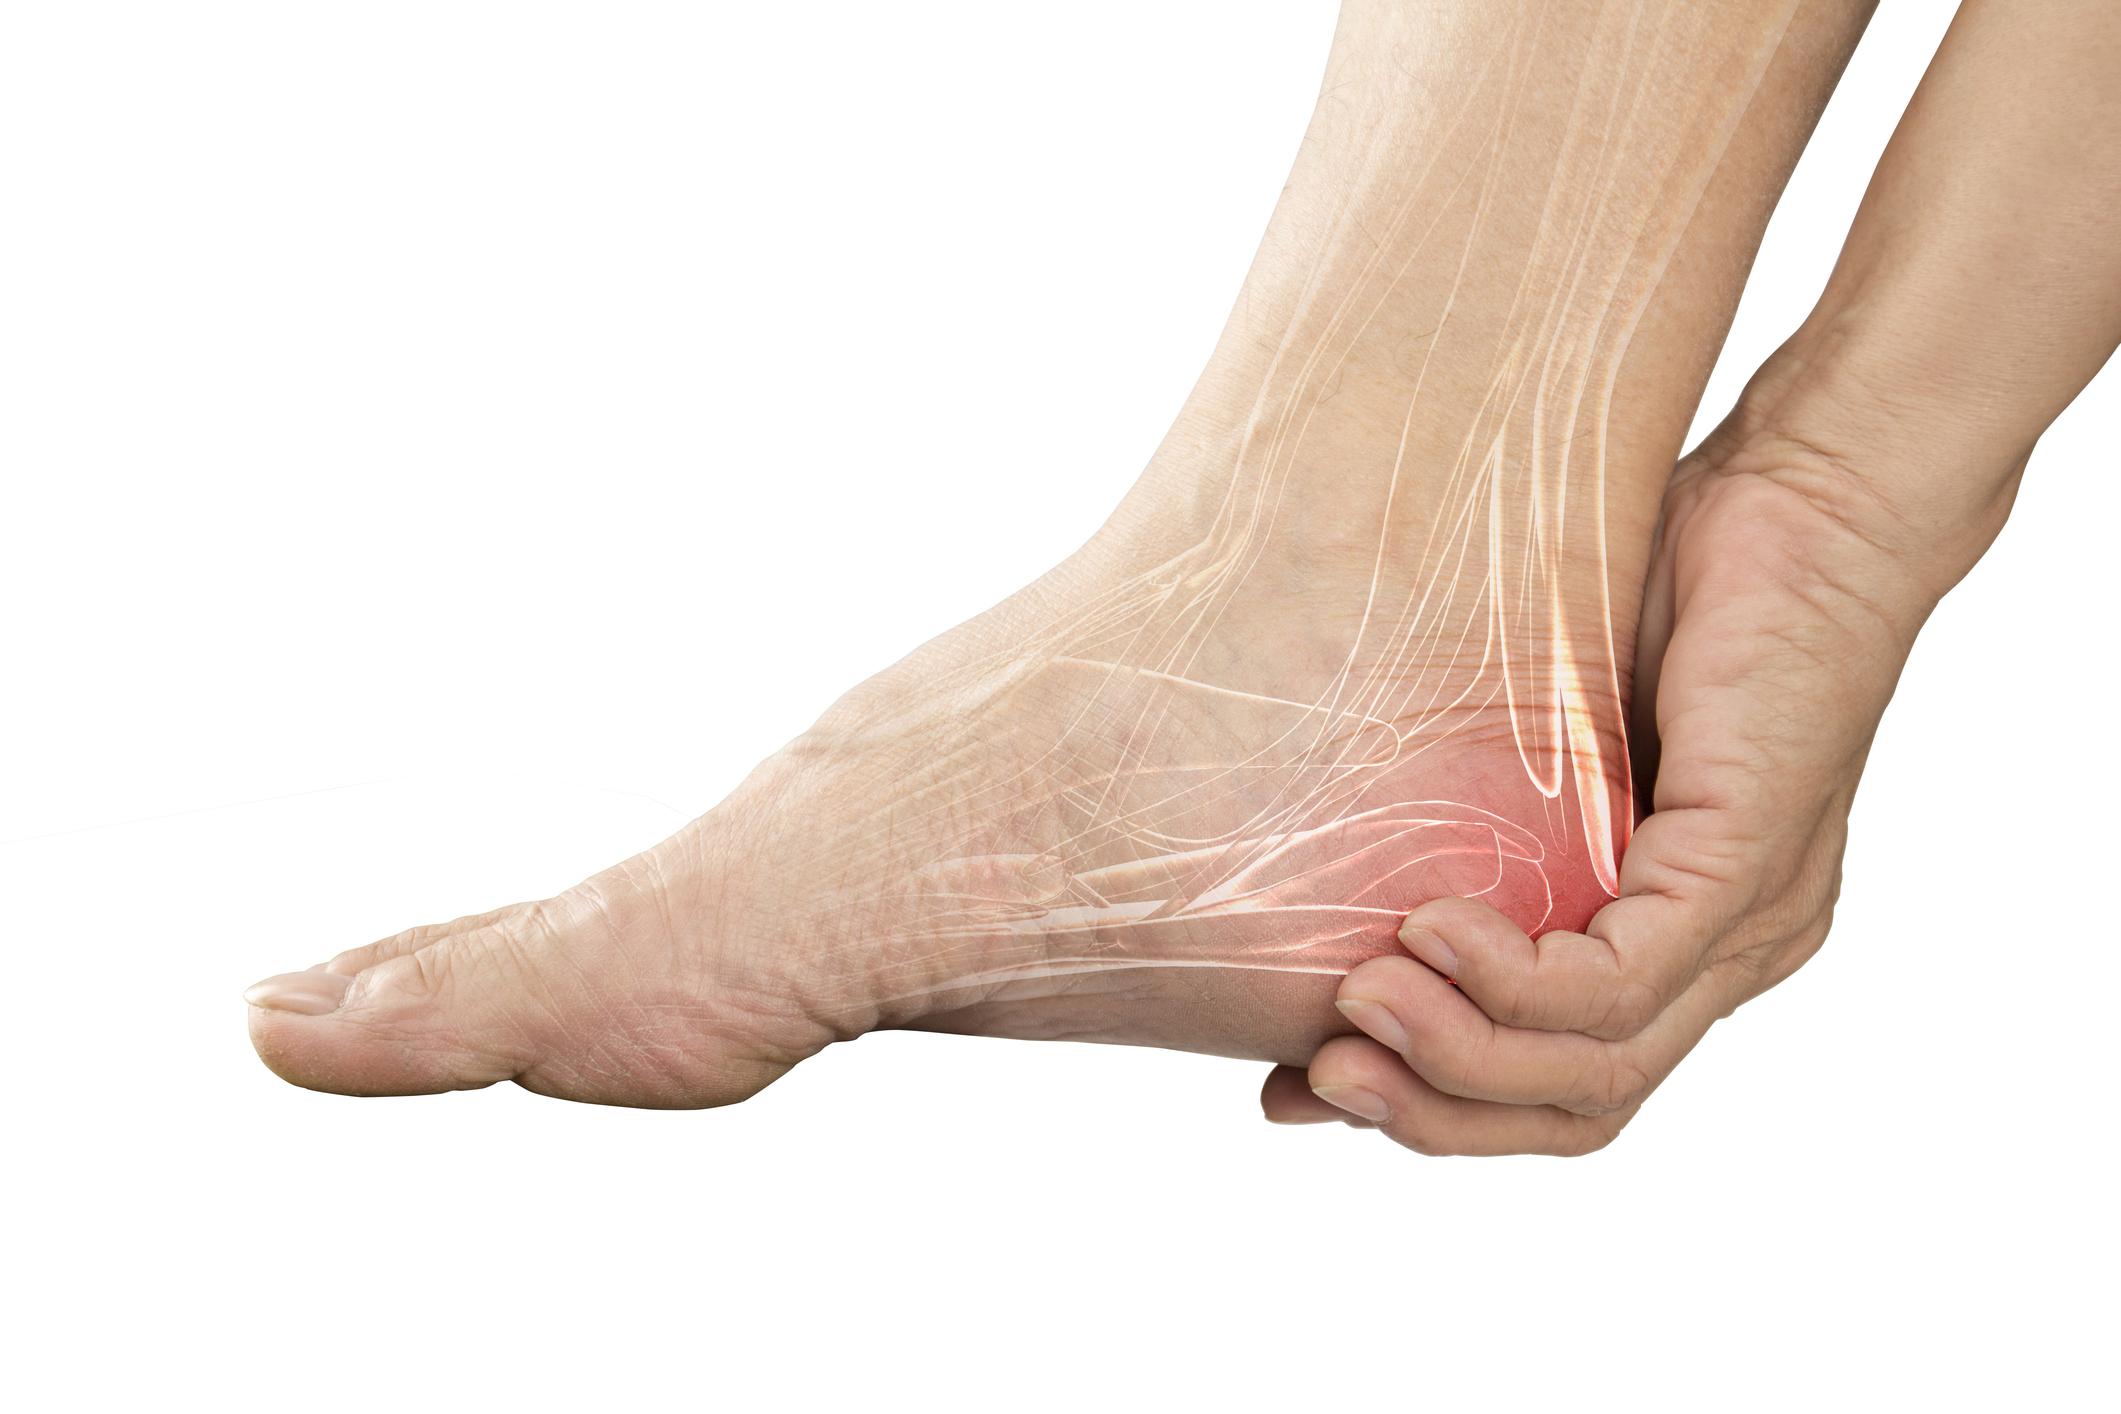 lábfájdalom az ízület gyulladása)